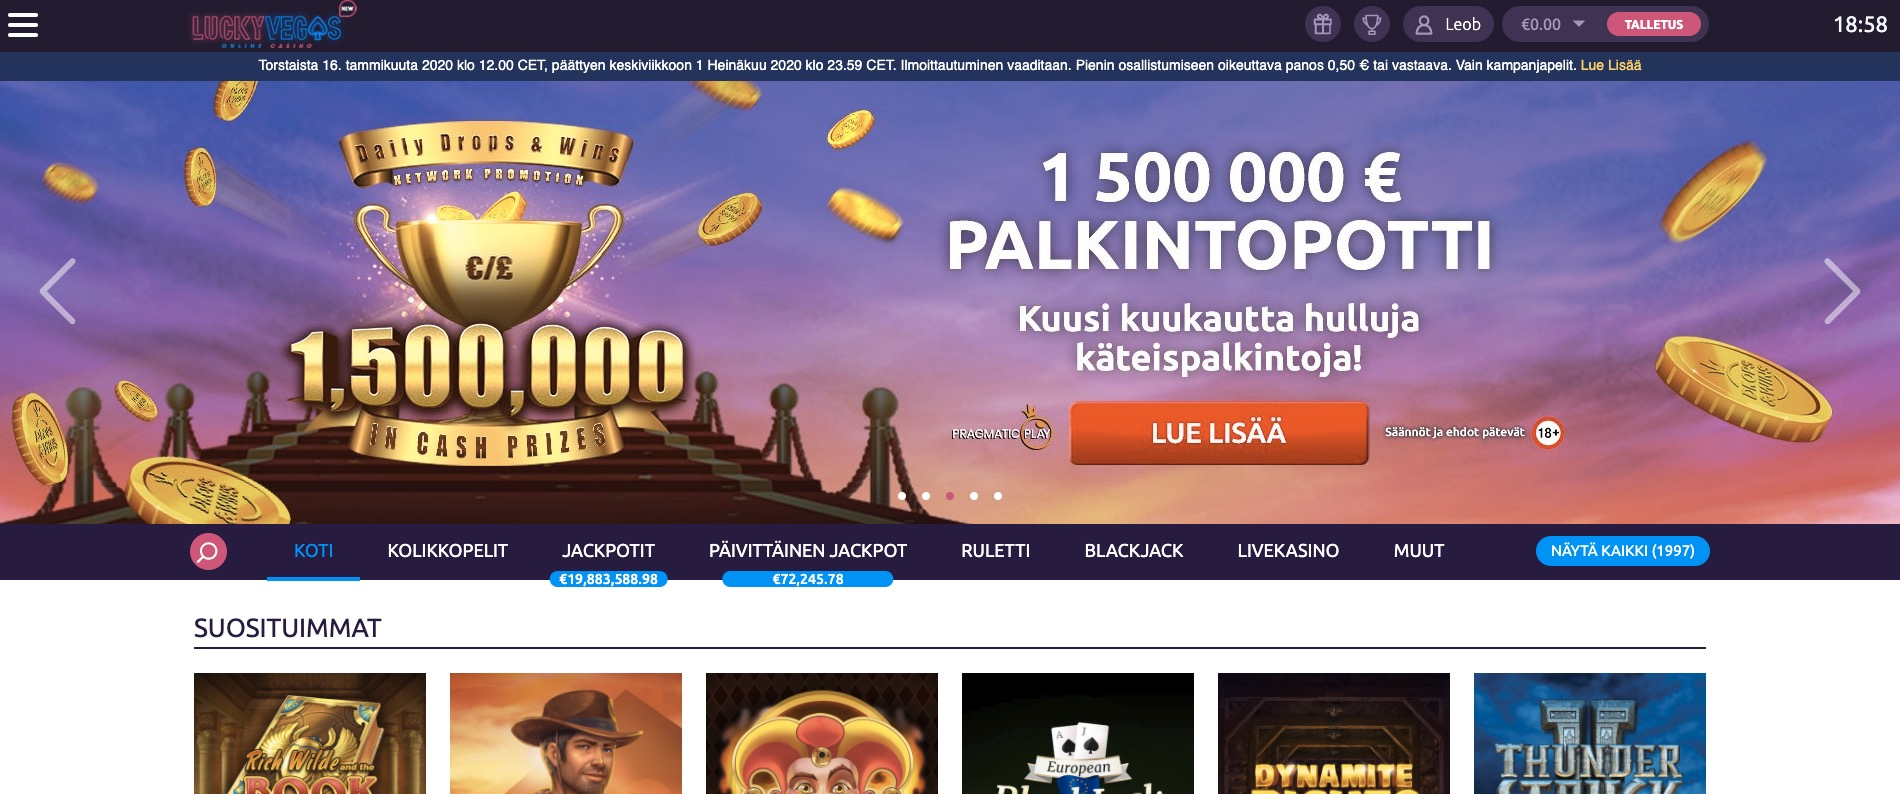 Lucky Vegas Etusivu